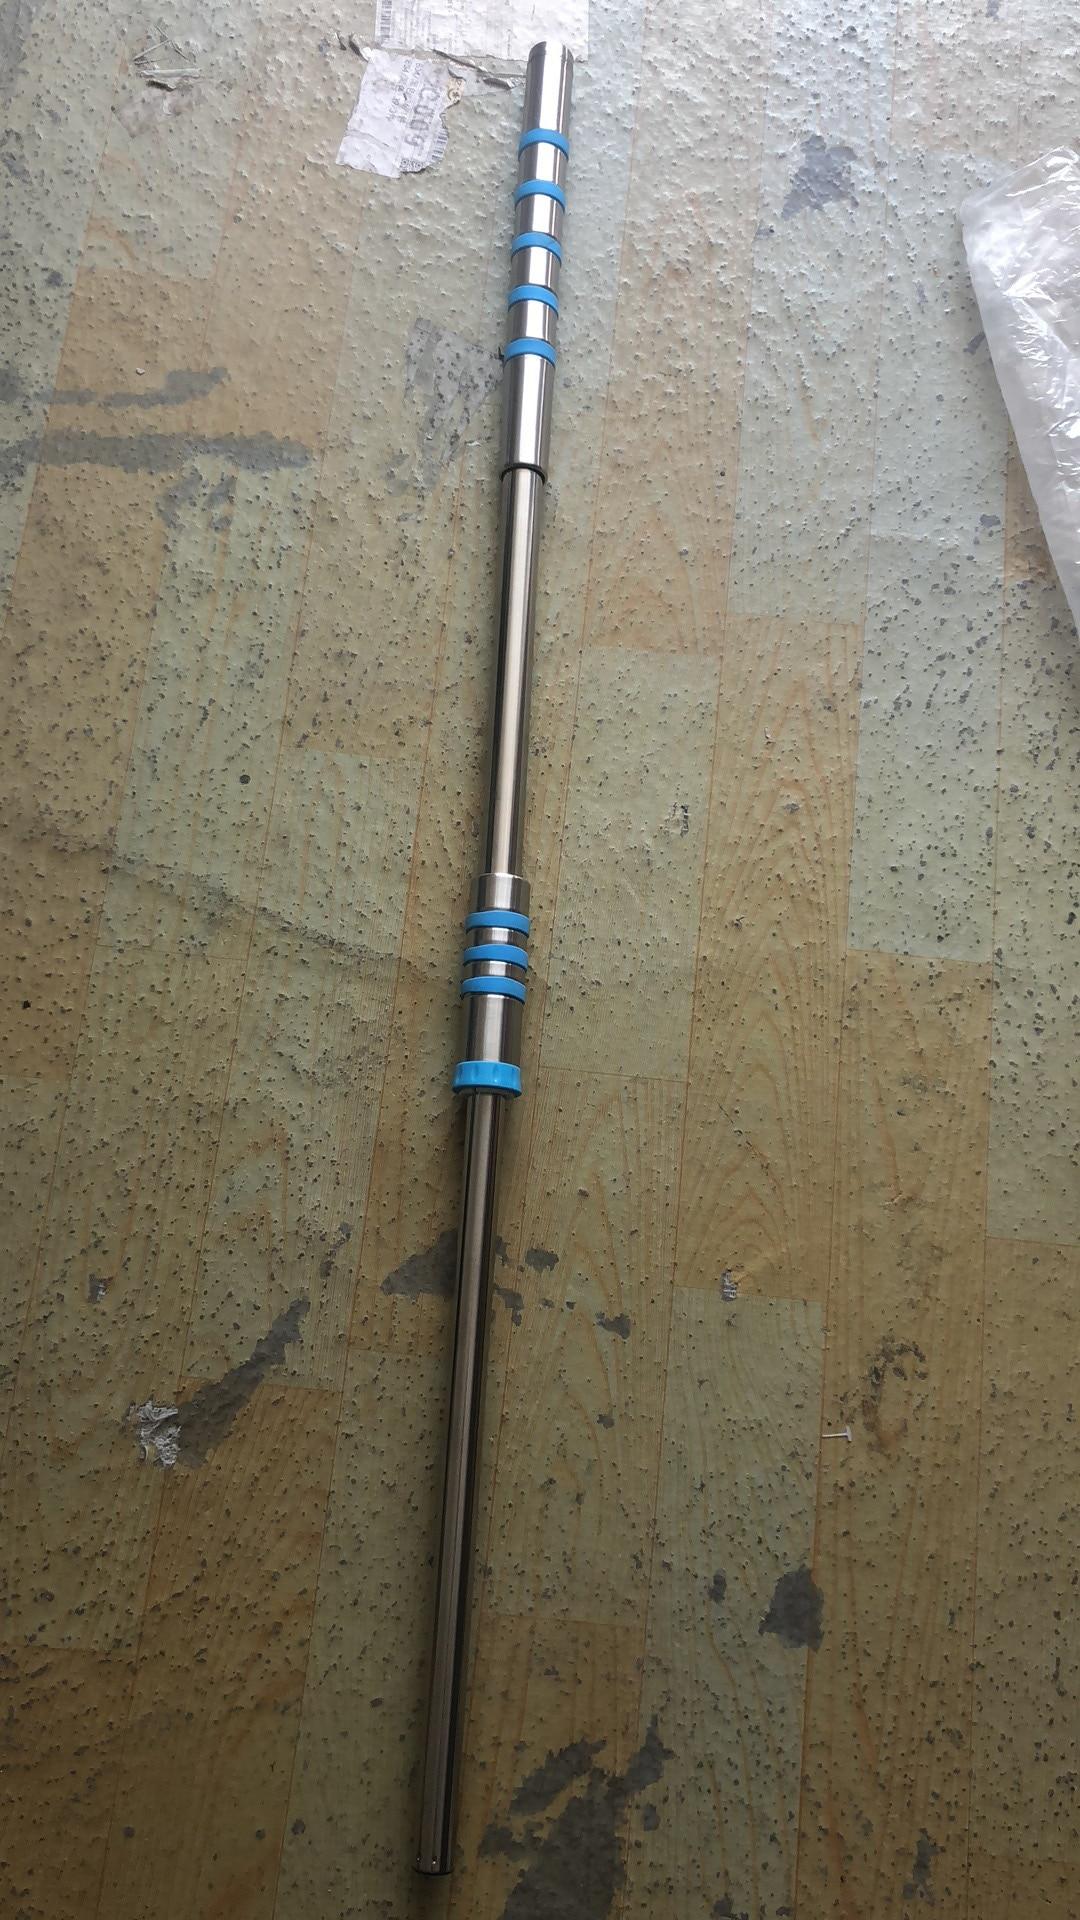 Prodotti e attrezzature per pulizia casa Secchio Set di 360 ° di rotazione doppia unità mop pressione della mano di Trasporto Lavaggio A Mano Mop In Acciaio Inox Maniglia D20 - 4